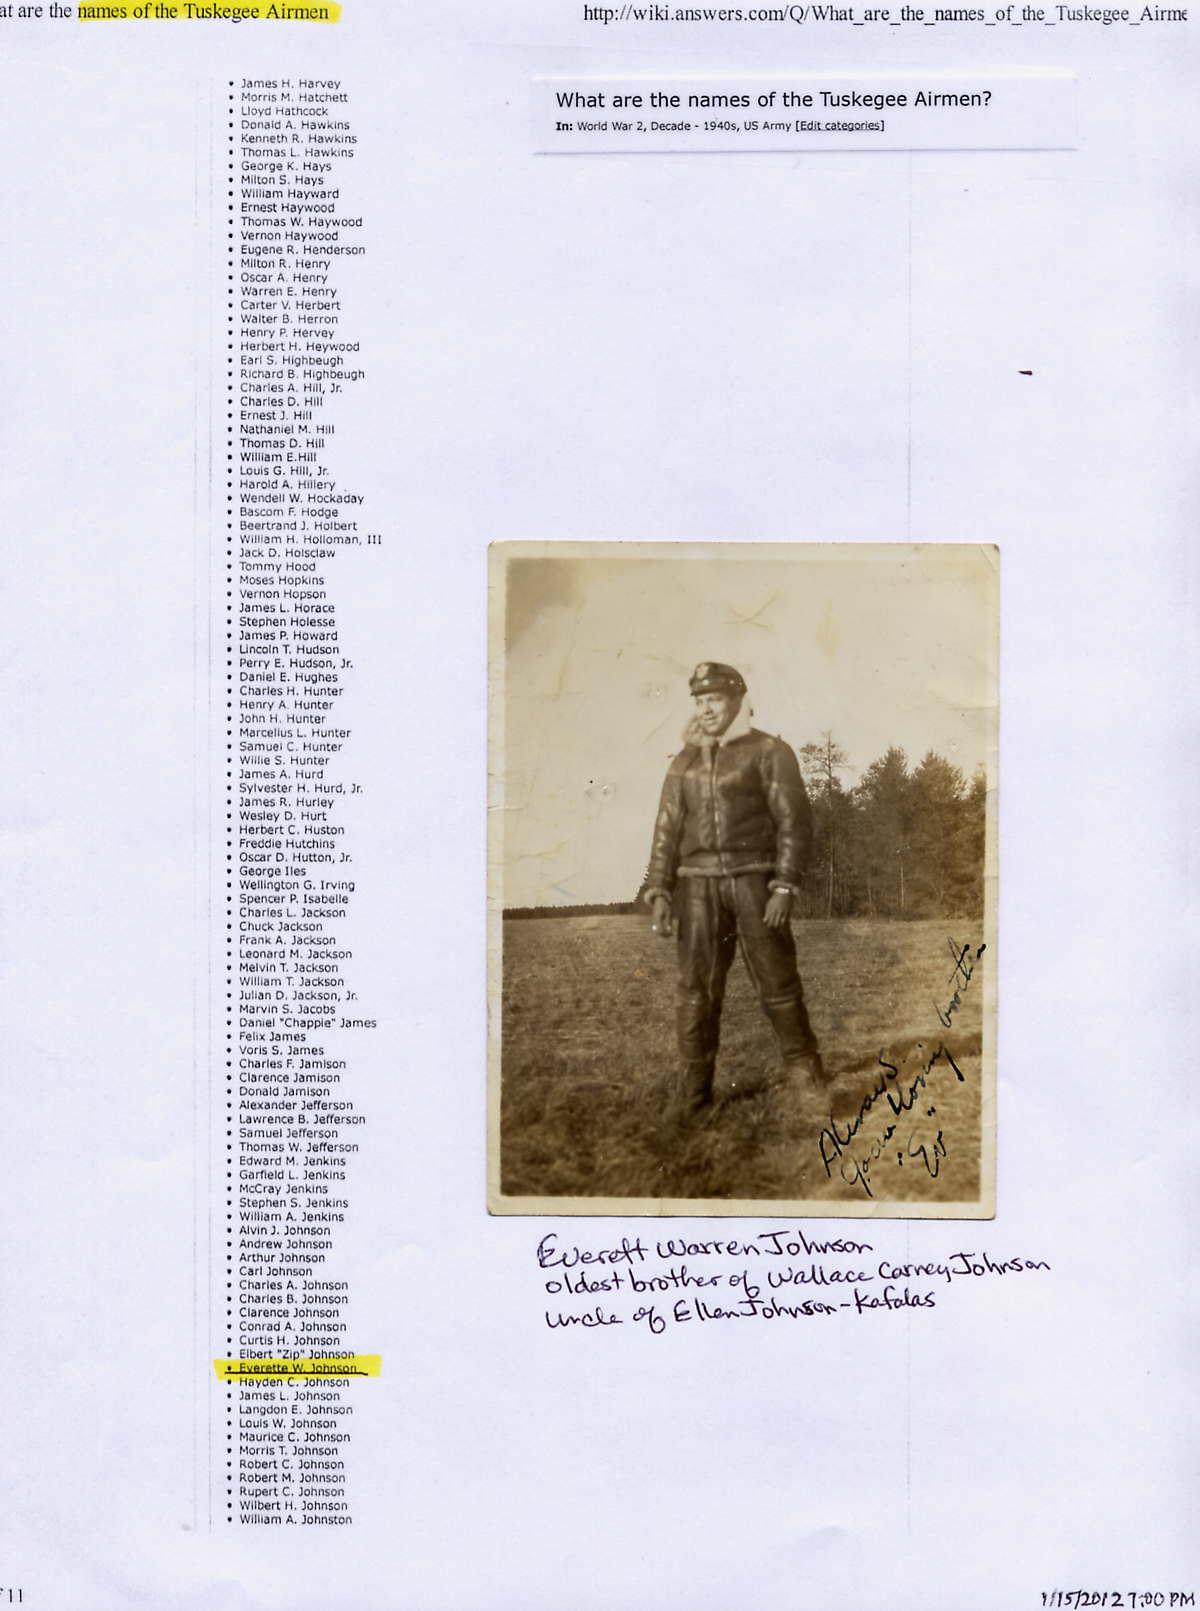 Everett Warren ( son of Everett, Sr. & Olive Johnson) Johnson